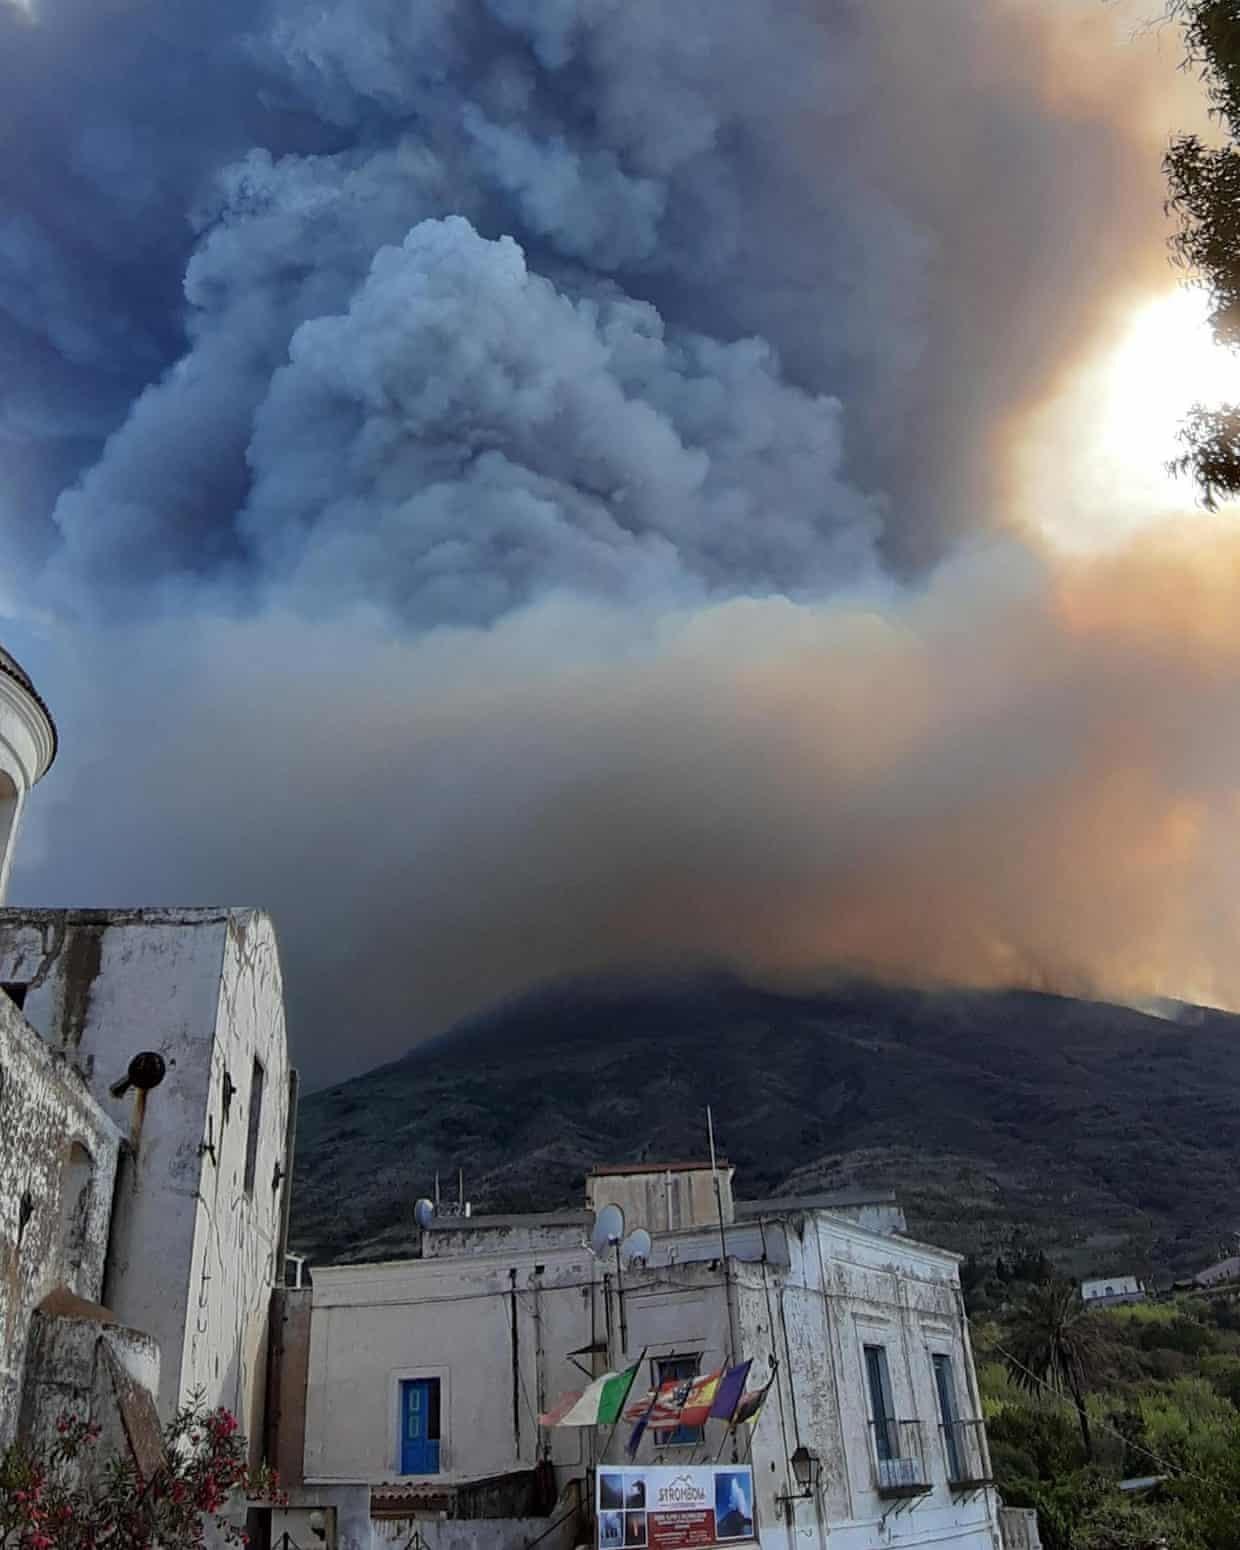 Italia,đảo,núi lửa,Stromboli,Địa Trung Hải,núi lửa phun trào,hiện tượng tự nhiên